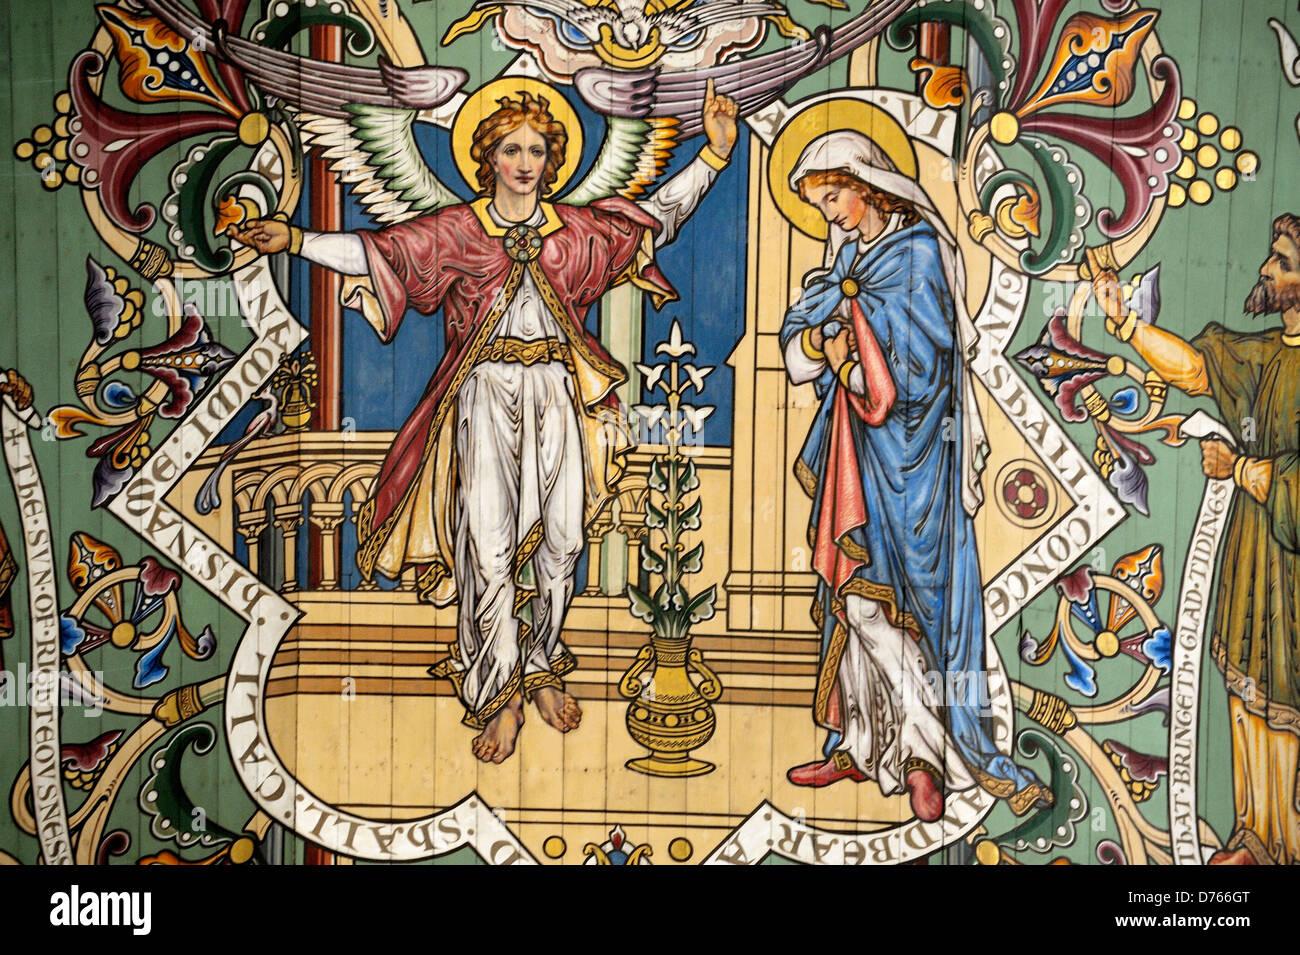 Cattedrale di Ely, Cambridgeshire, Inghilterra. Dipinto sul soffitto della navata. Pannello con l'Annunciazione. Immagini Stock